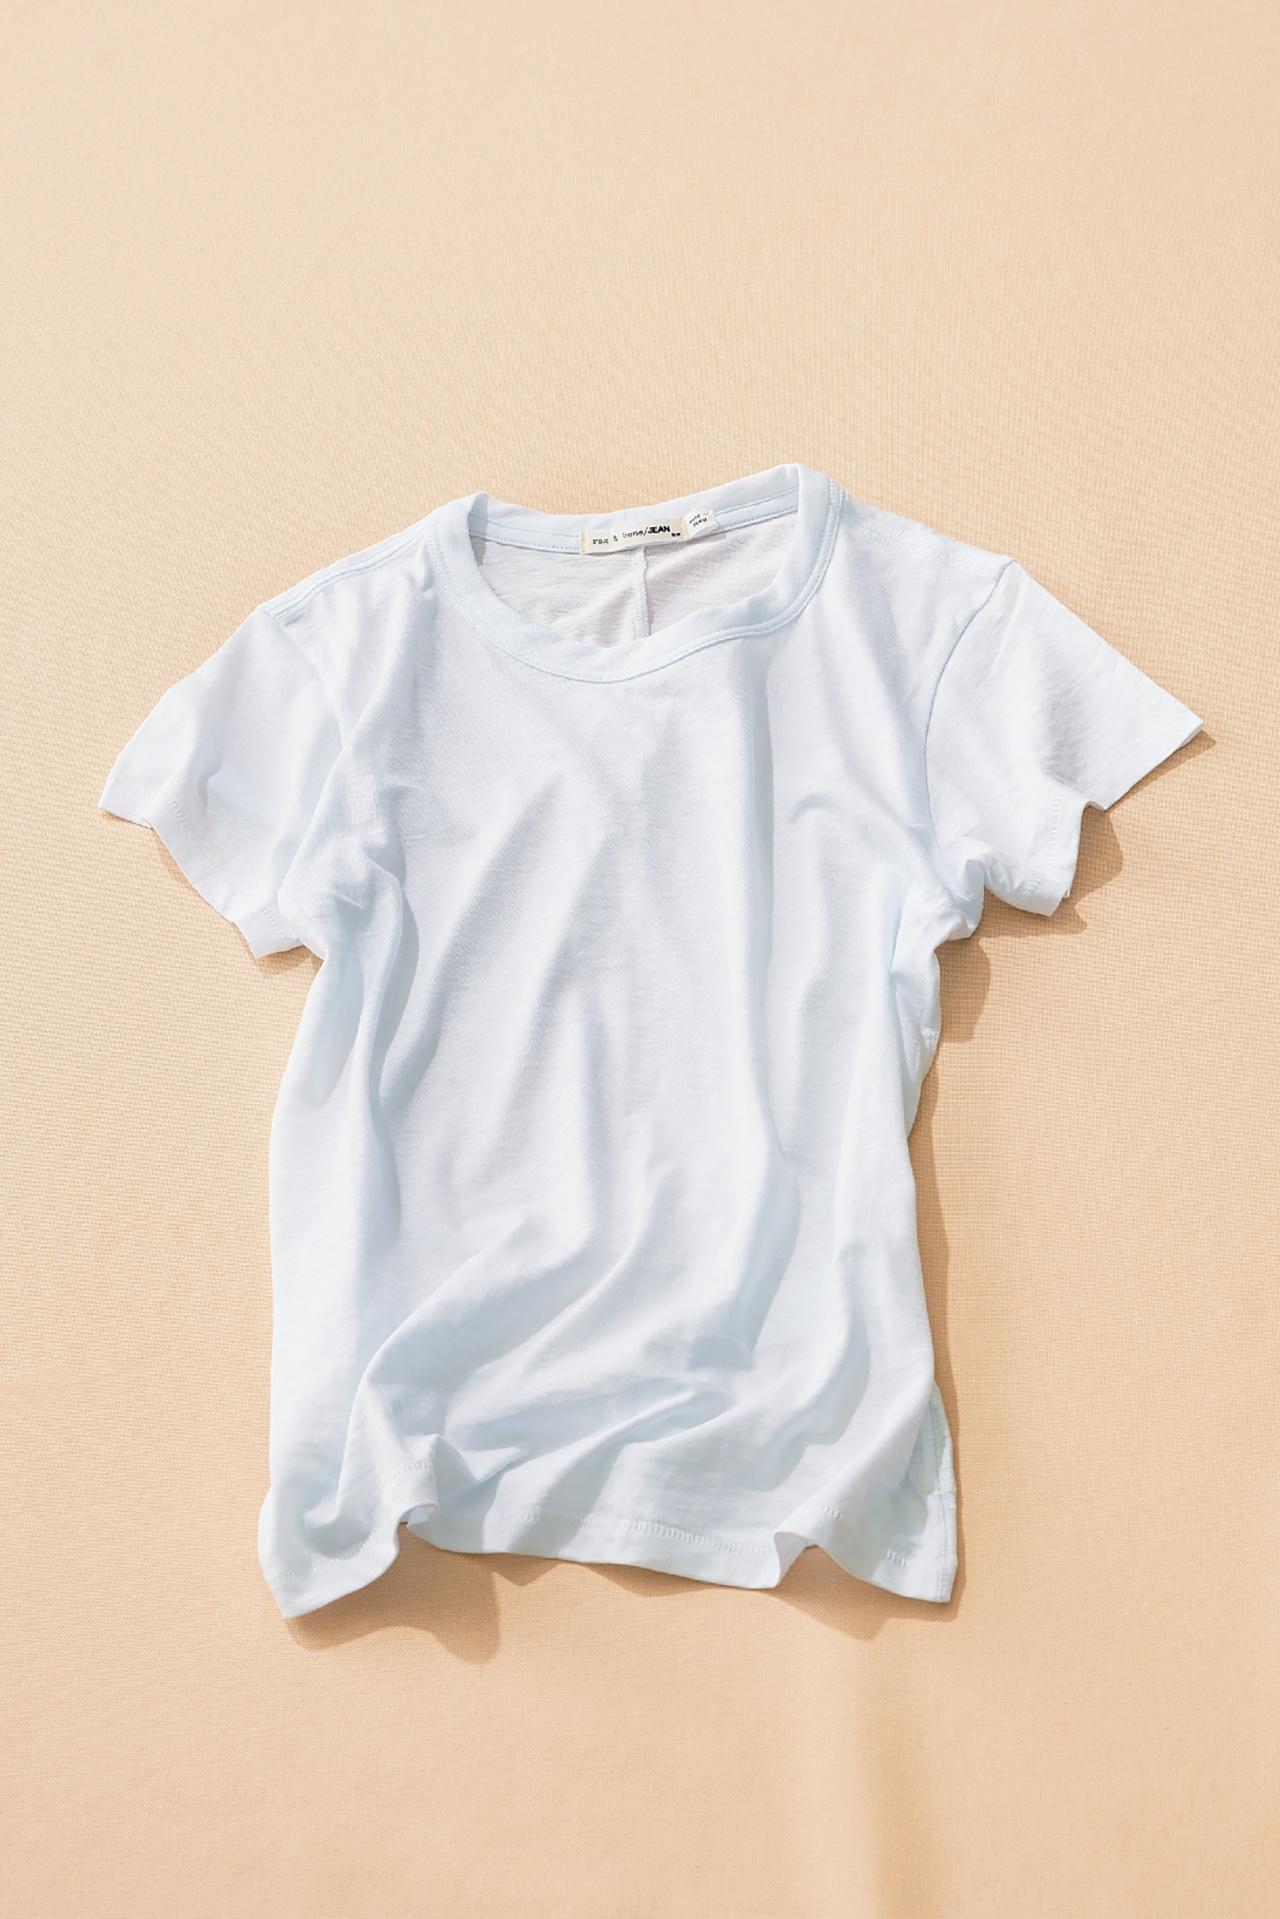 大人になった今こそ楽しめる、とびきりのTシャツ ~亜希さんの場合~ 五選_1_1-5